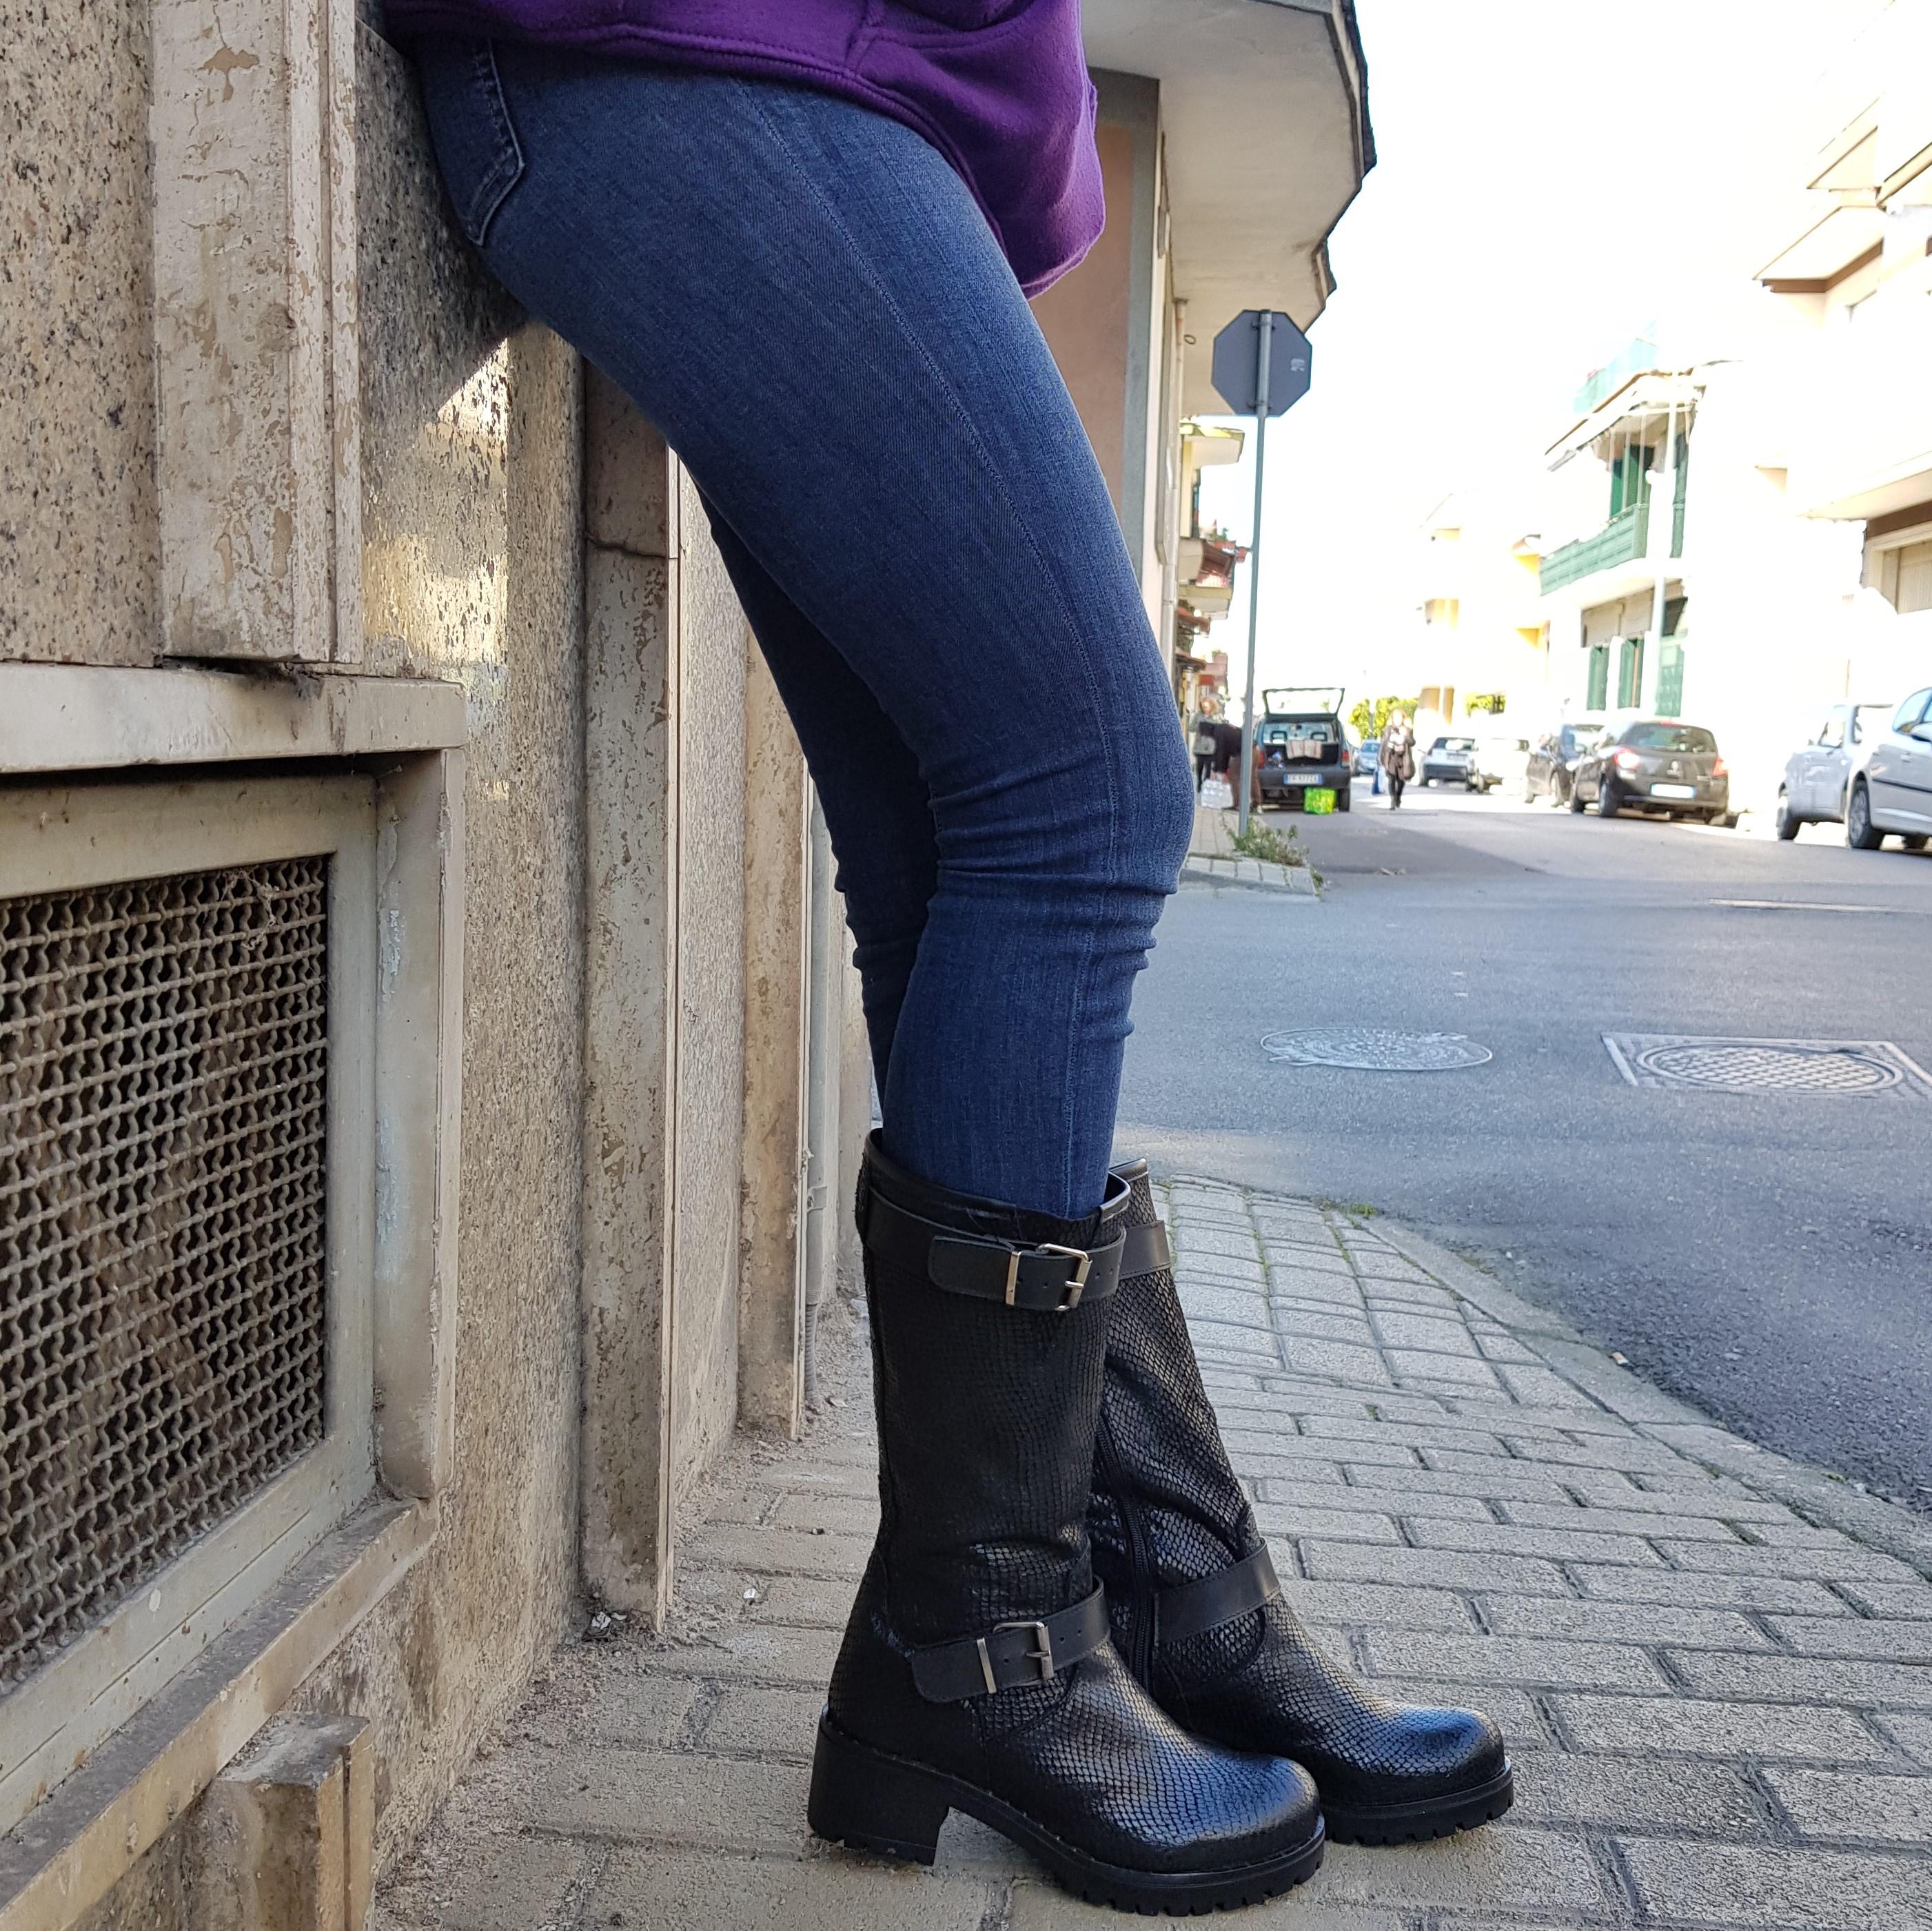 STIVALI PELLE NERO RISVOLTO ANNACHIARA 3 – LiaDiva